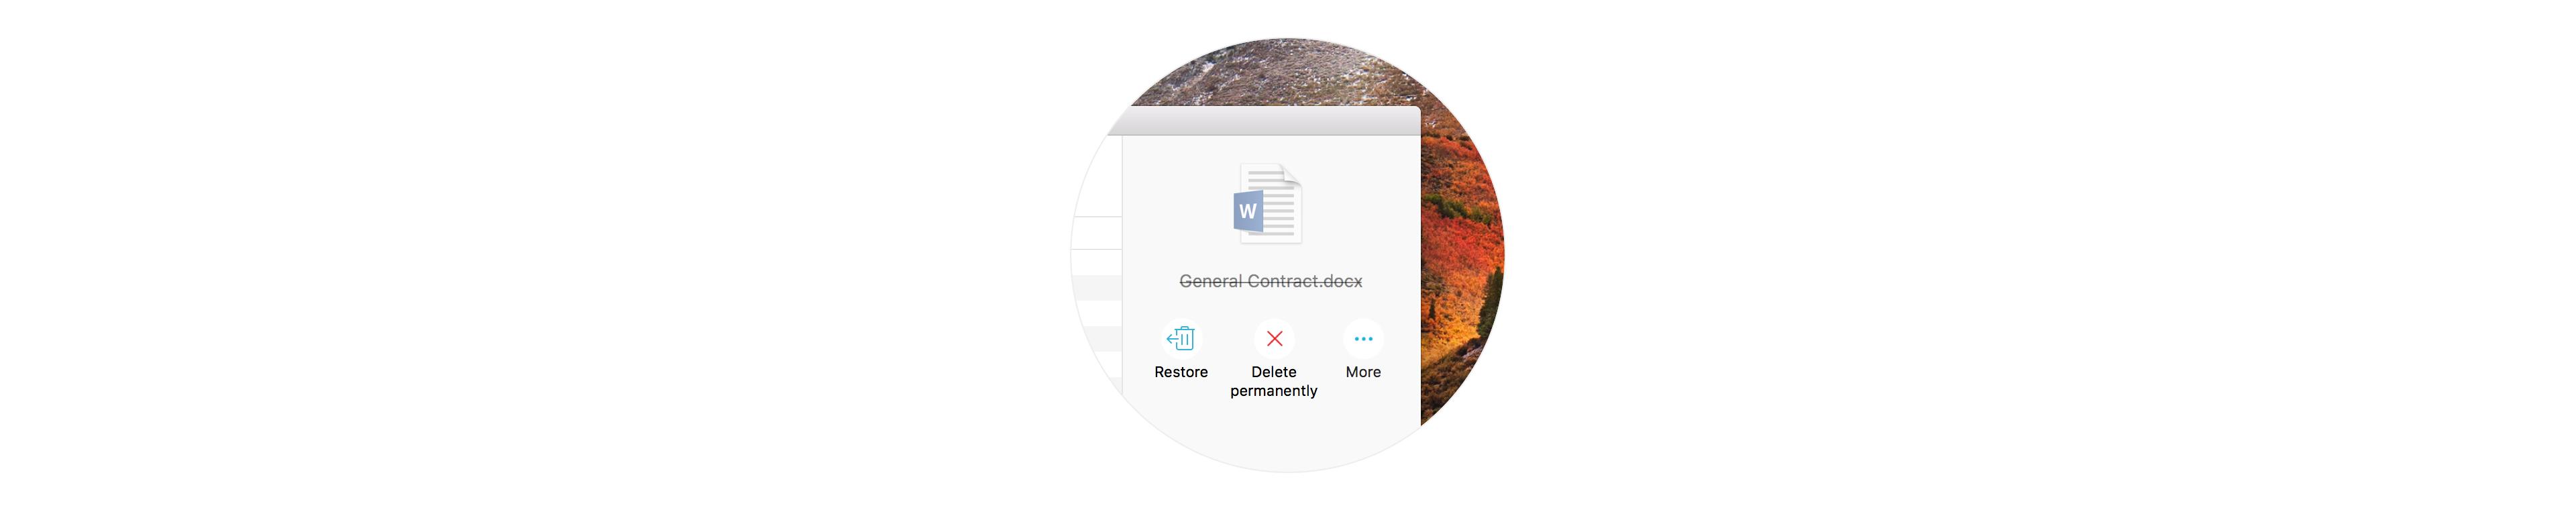 Dateiwiederherstellung: Gelöschte Dateien einfach zurückholen